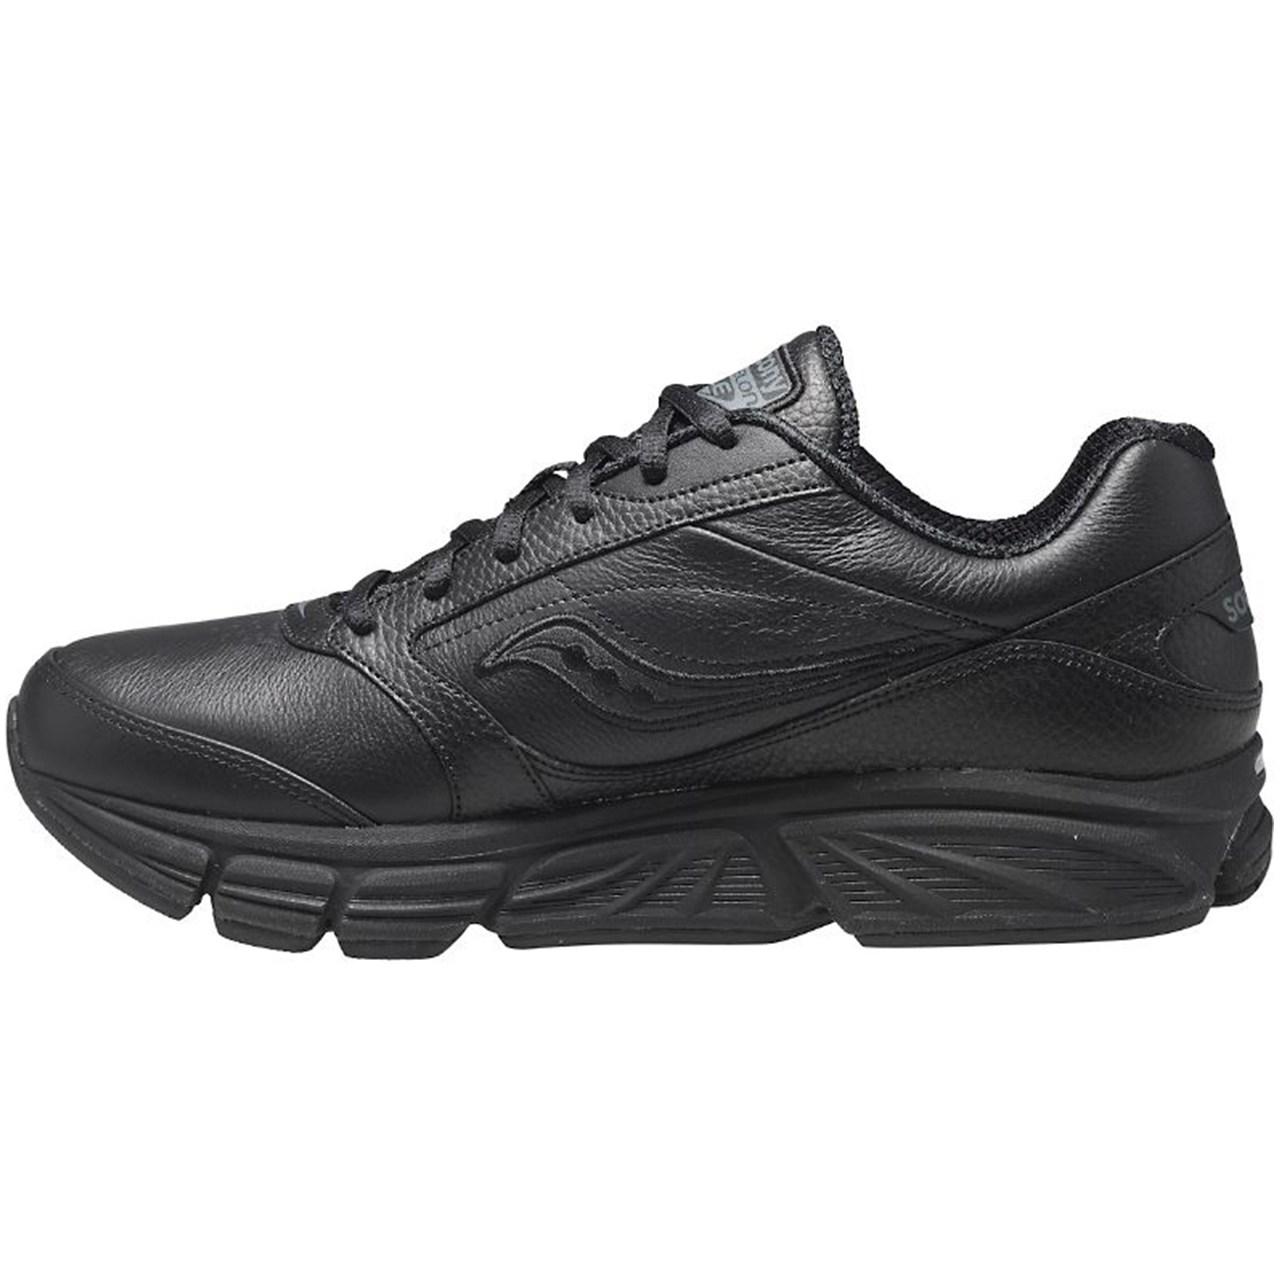 کفش مخصوص پیاده روی مردانه ساکنی مدل Progrid Echelon LE 2